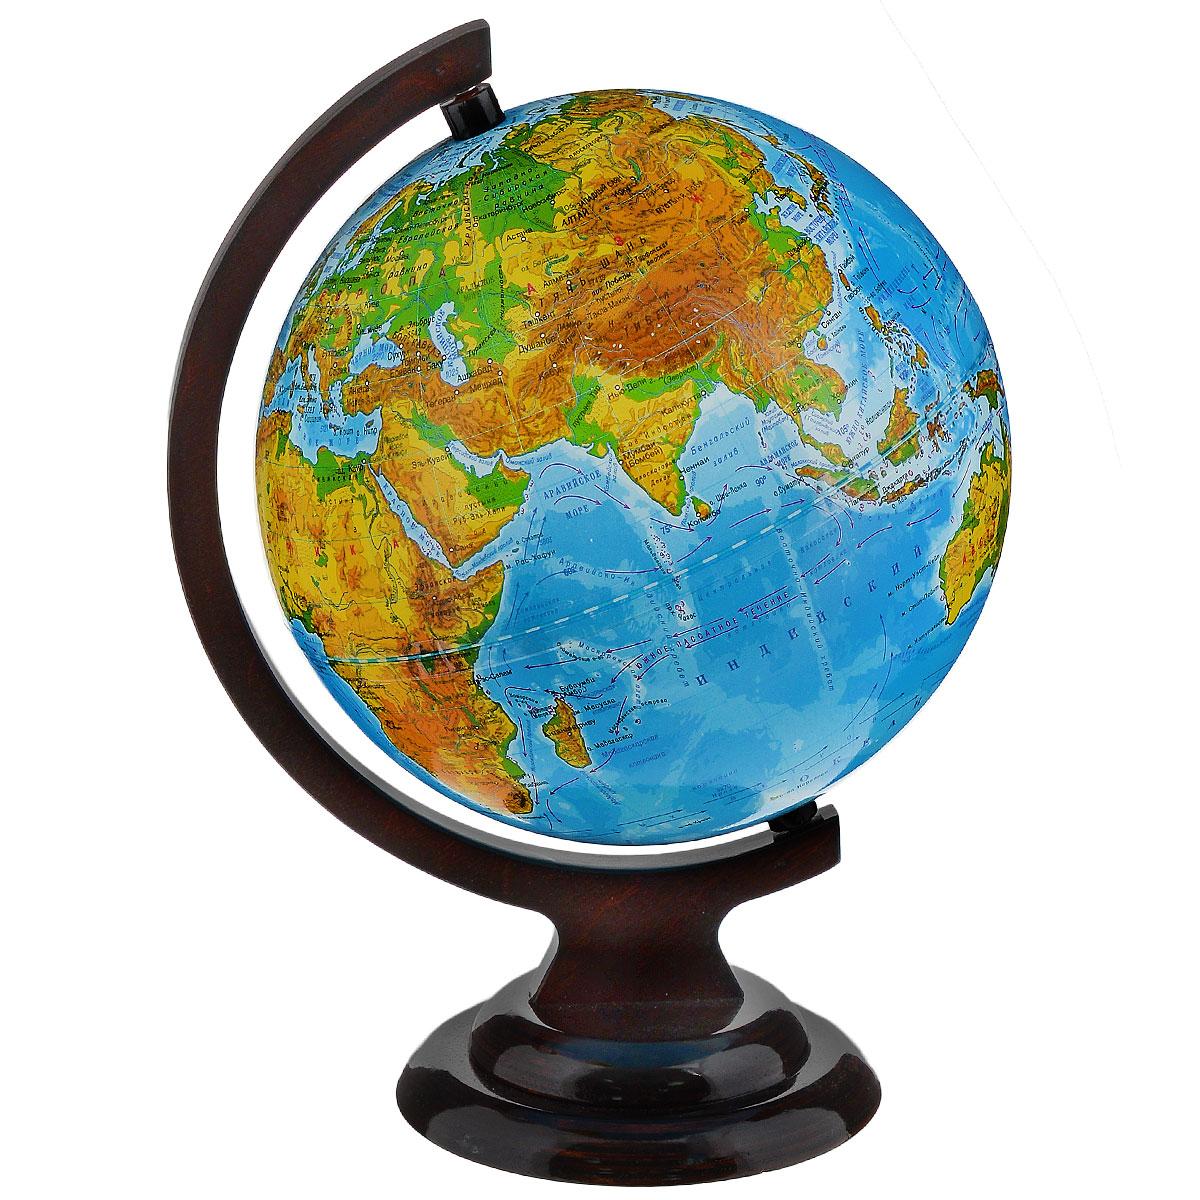 Глобусный мир Глобус с физической картой, диаметр 21 см, на деревянной подставкеFS-00897Географический глобус с физической картой мира станет незаменимым атрибутом обучения не только школьника, но и студента. На глобусе отображены линии картографической сетки, гидрографическая сеть, рельеф суши и морского дна, крупнейшие населенные пункты, теплые и холодные течения. Глобус является уменьшенной и практически не искаженной моделью Земли и предназначен для использования в качестве наглядного картографического пособия, а также для украшения интерьера квартир, кабинетов и офисов. Красочность, повышенная наглядность визуального восприятия взаимосвязей, отображенных на глобусе объектов и явлений, в сочетании с простотой выполнения по нему различных измерений делают глобус доступным широкому кругу потребителей для получения разнообразной познавательной, научной и справочной информации о Земле. Глобус на оригинальной деревянной подставке. Масштаб: 1:60000000.